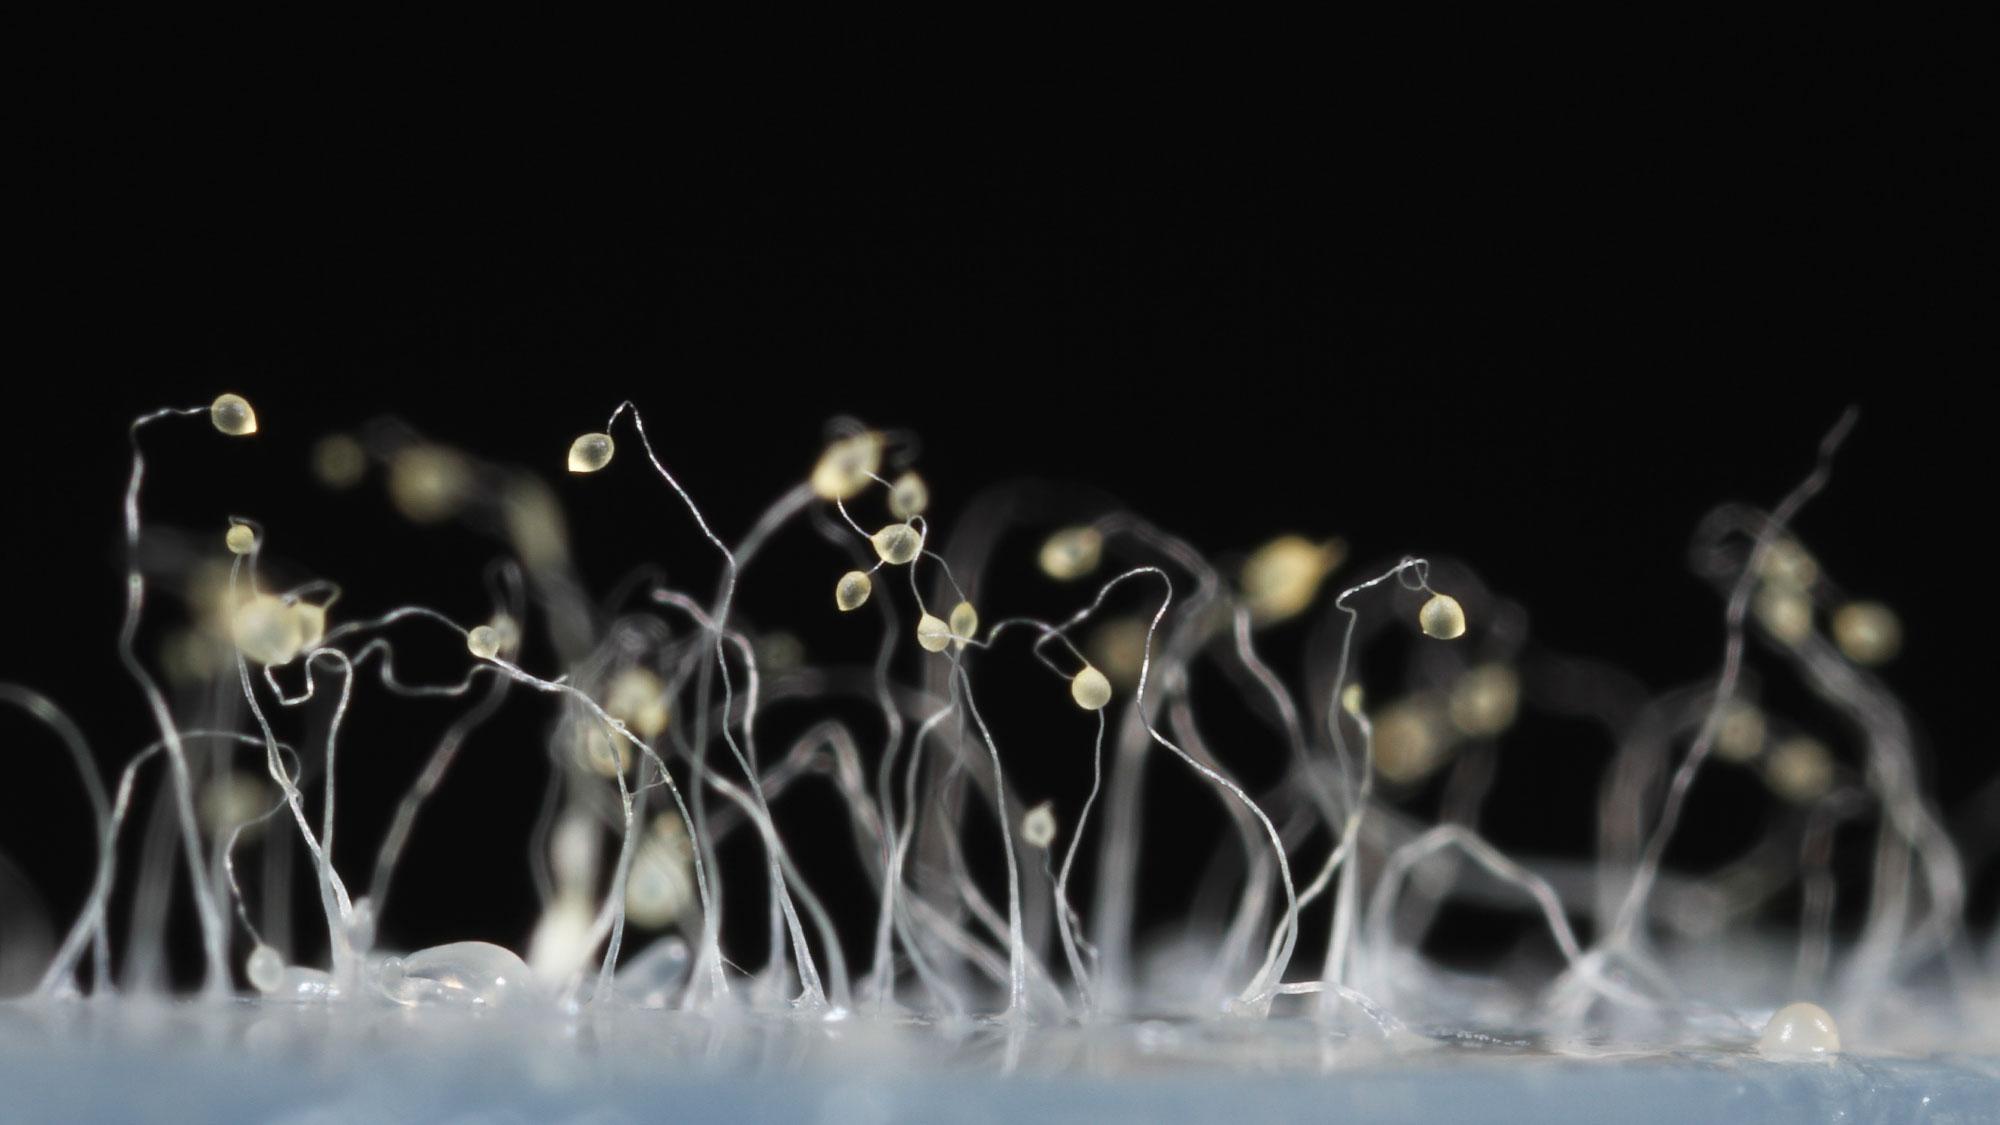 В суровых условиях социальные амёбы вида Dictyostelium discoideum группируются. Затем некоторые из них жертвуют собственным размножением, создавая стеблевидные нити, накоторых другие амёбы поднимаются вверх, чтобы ветер рассеял их споры.